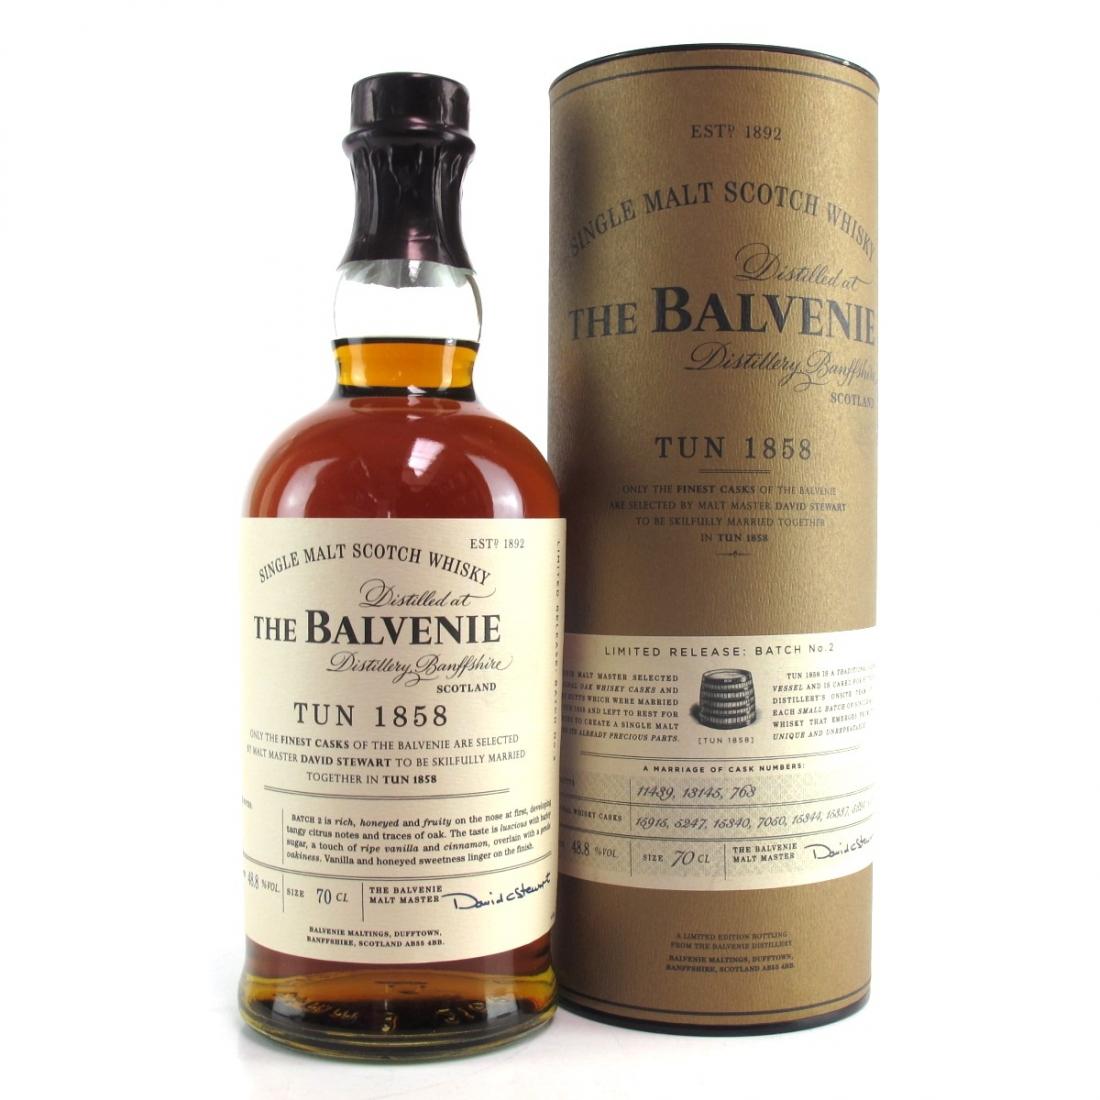 Balvenie Tun 1858 Batch #2